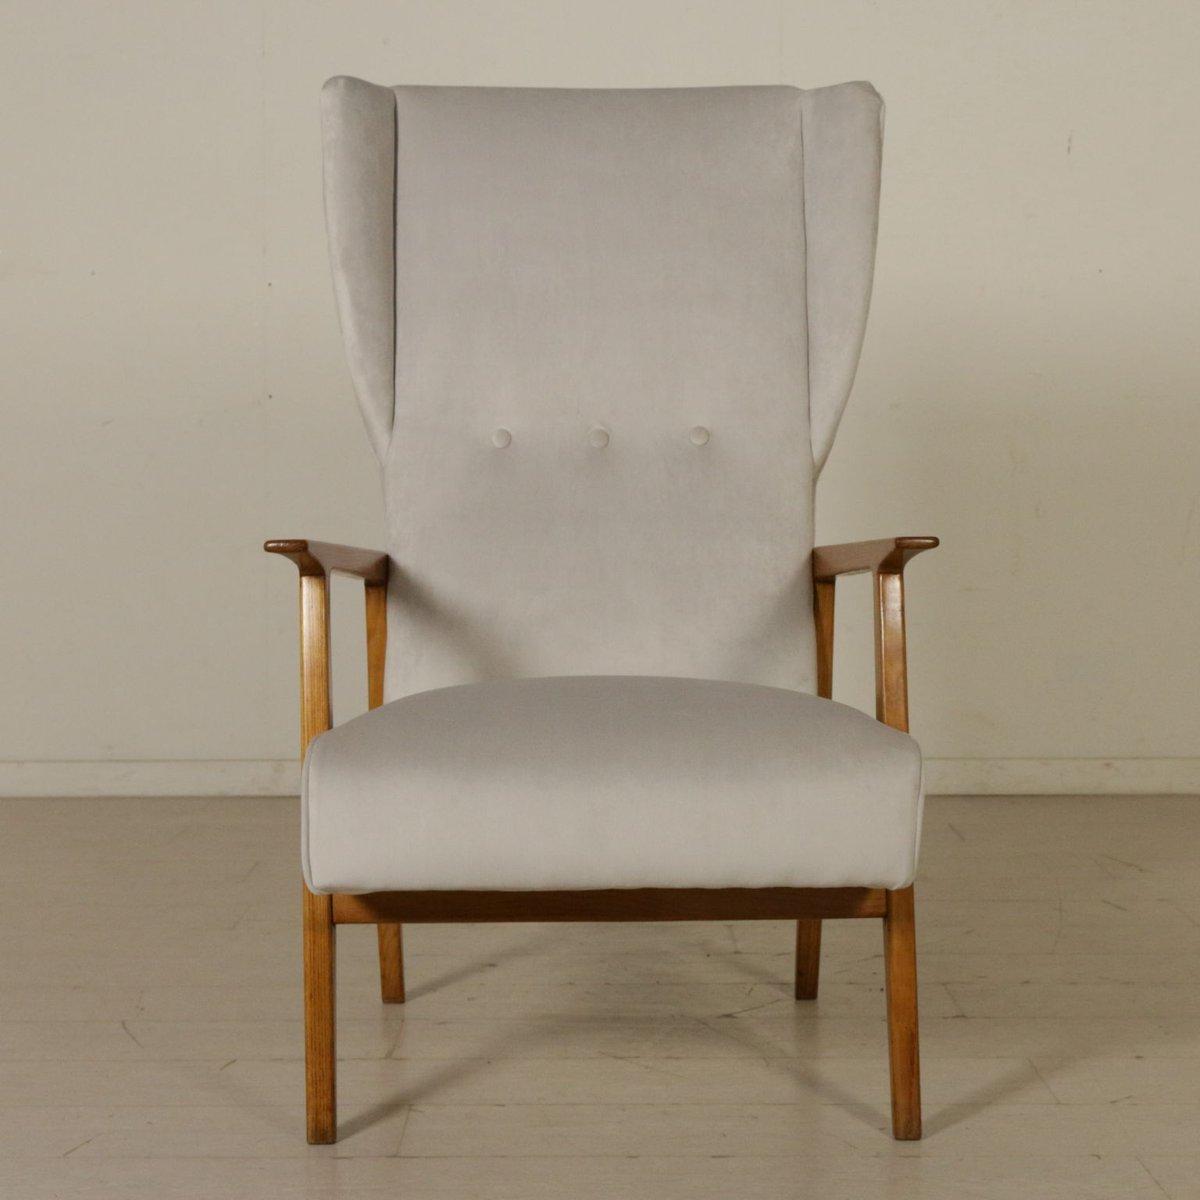 Italienischer Sessel aus Eichenholz und Samt, 1950er